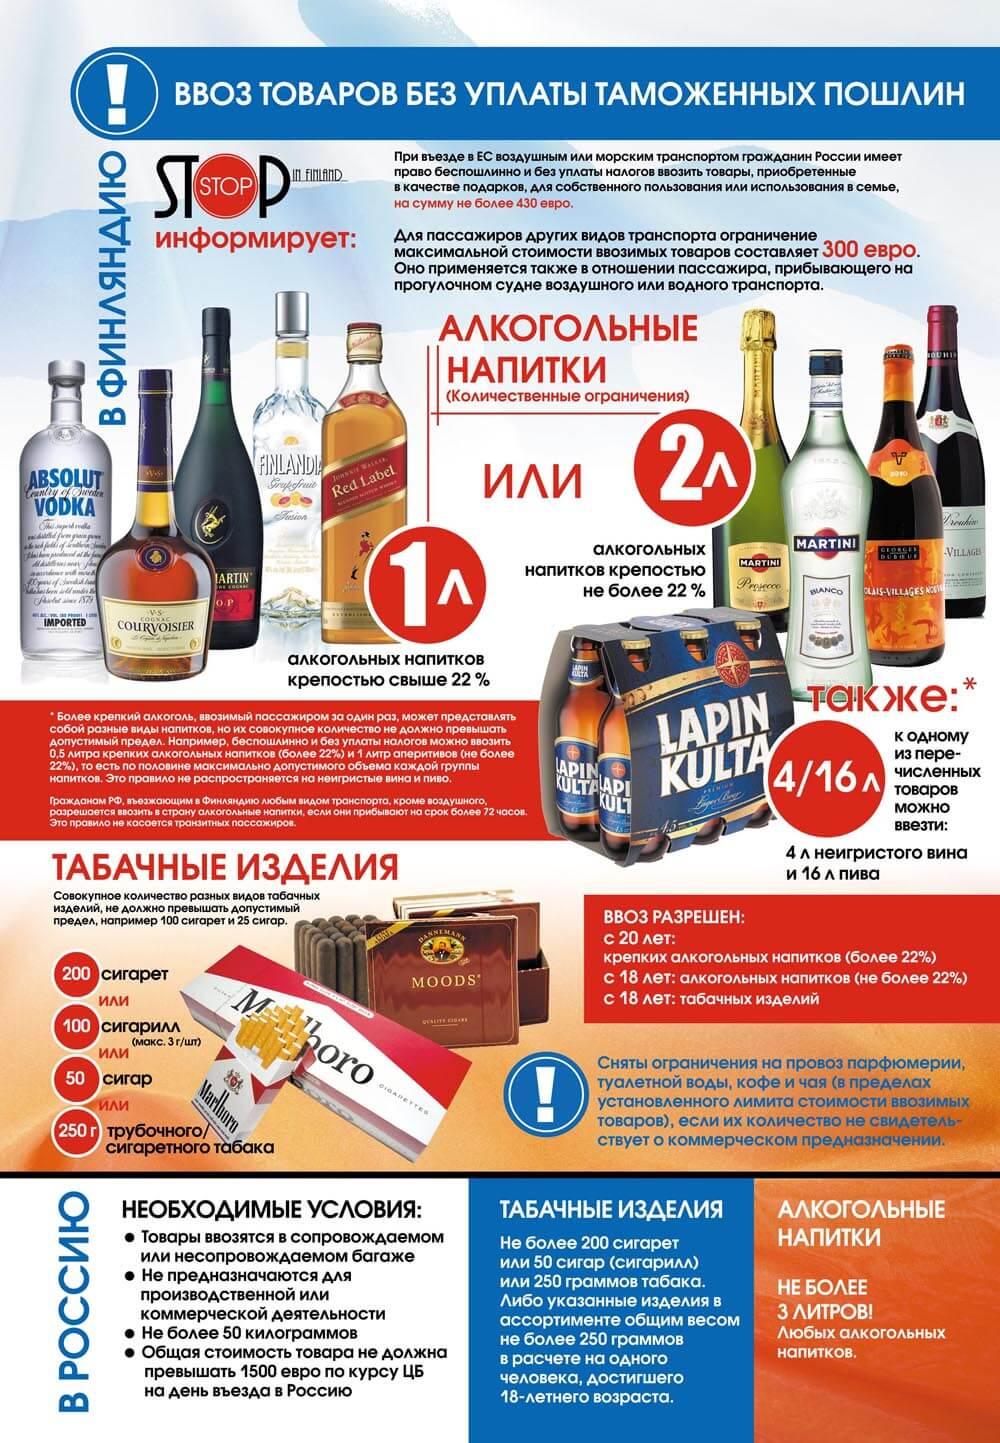 Сколько алкоголя можно вывезти из турции в россию 2018